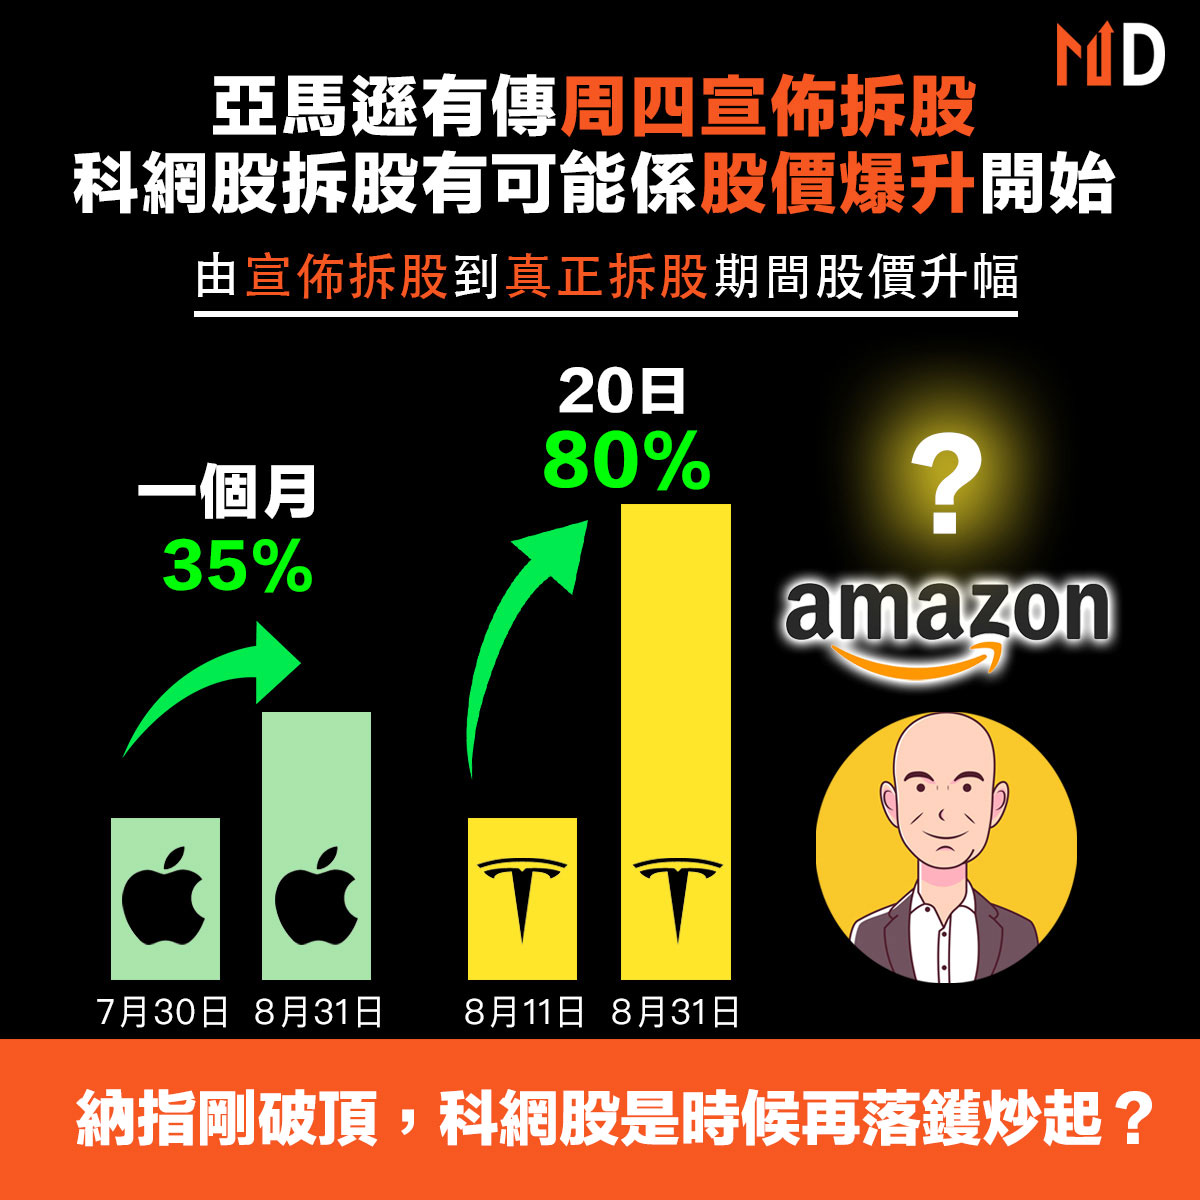 【市場熱話】亞馬遜有傳周四宣佈拆股,科網股拆股有可能係股價爆升開始!